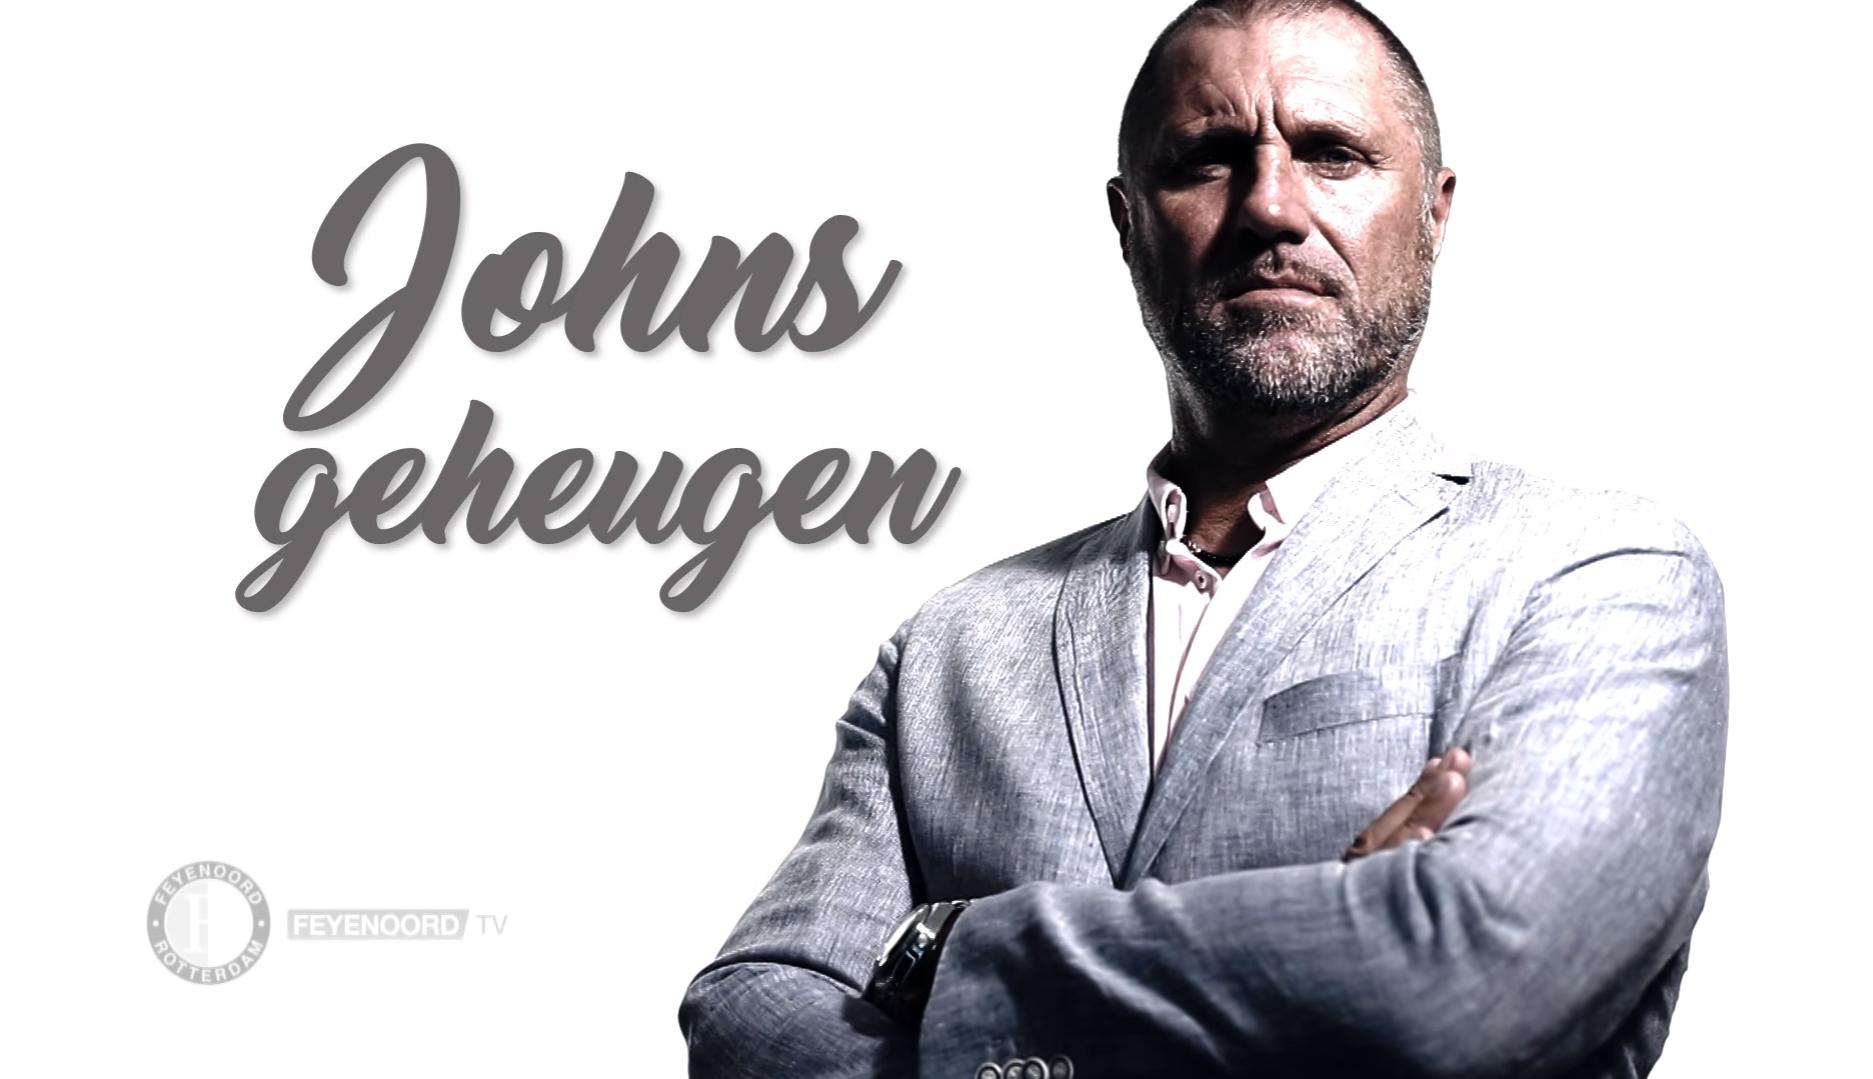 John's%20geheugen